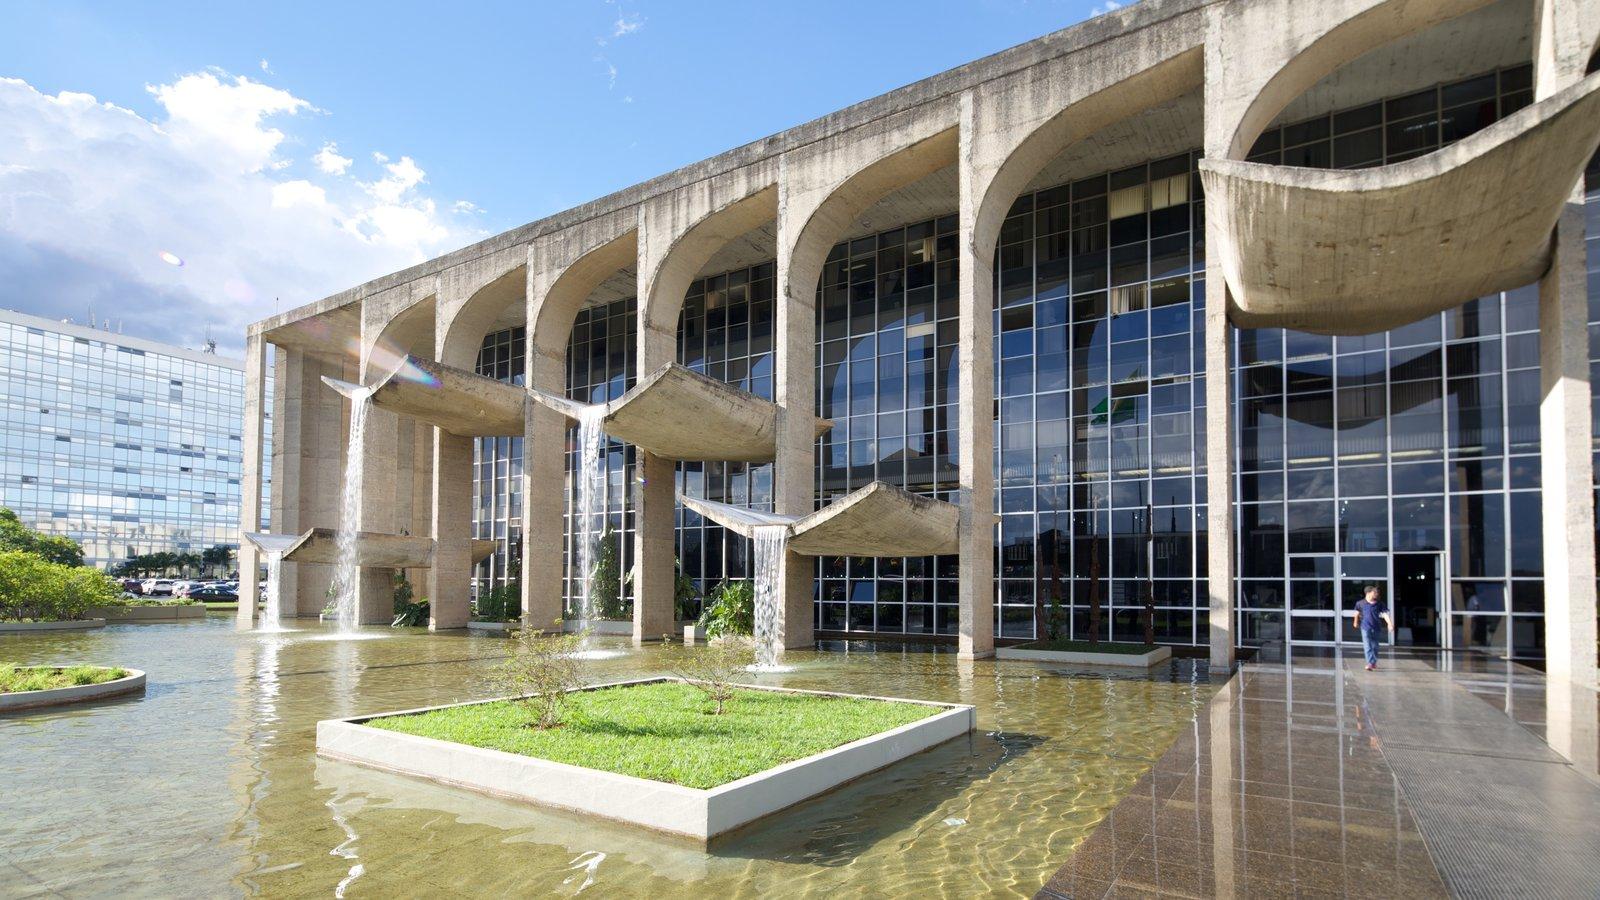 Palácio de Justiça mostrando arquitetura moderna e uma cidade